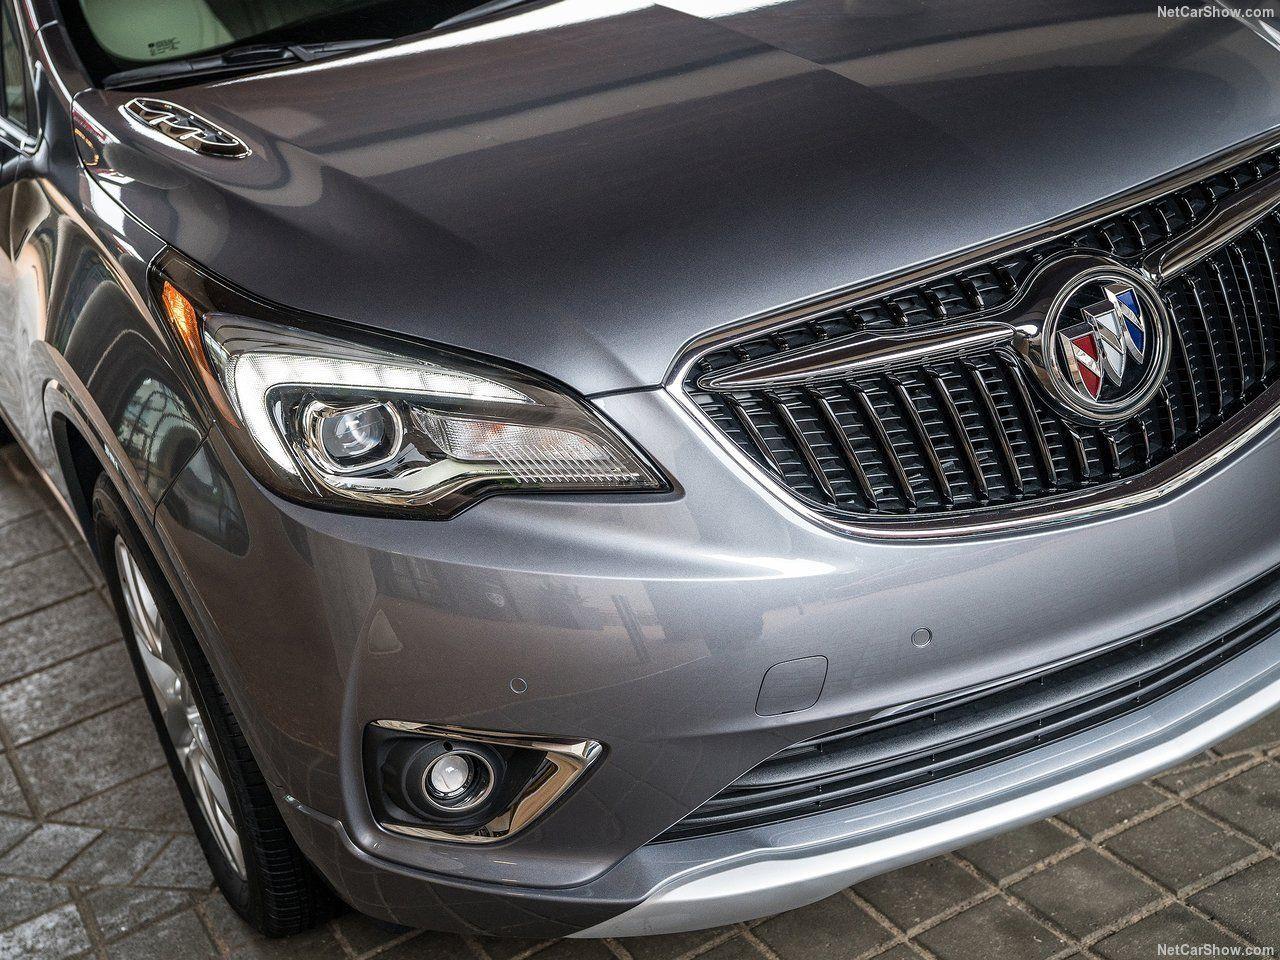 Buick Envision zarif tasarımı ile büyülüyor! - Page 4